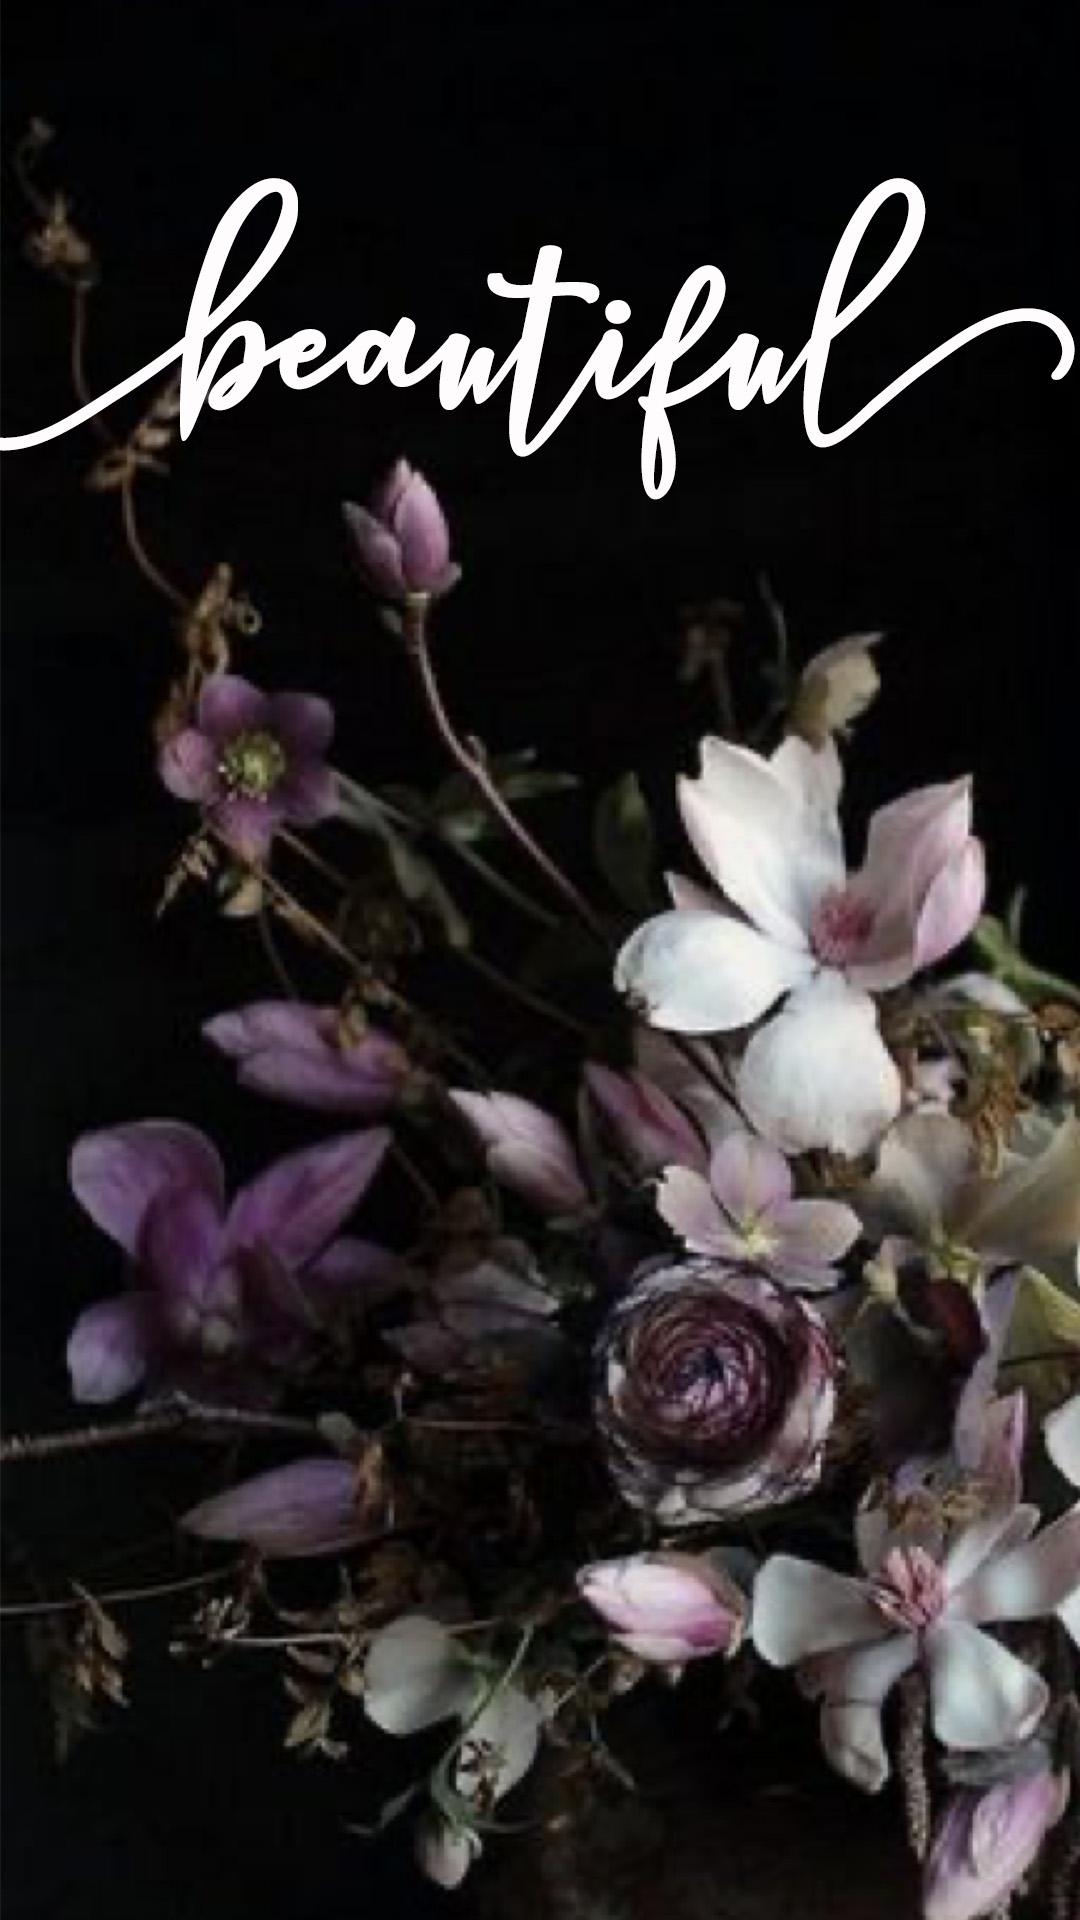 vintage floral 3 fonds d ecran a